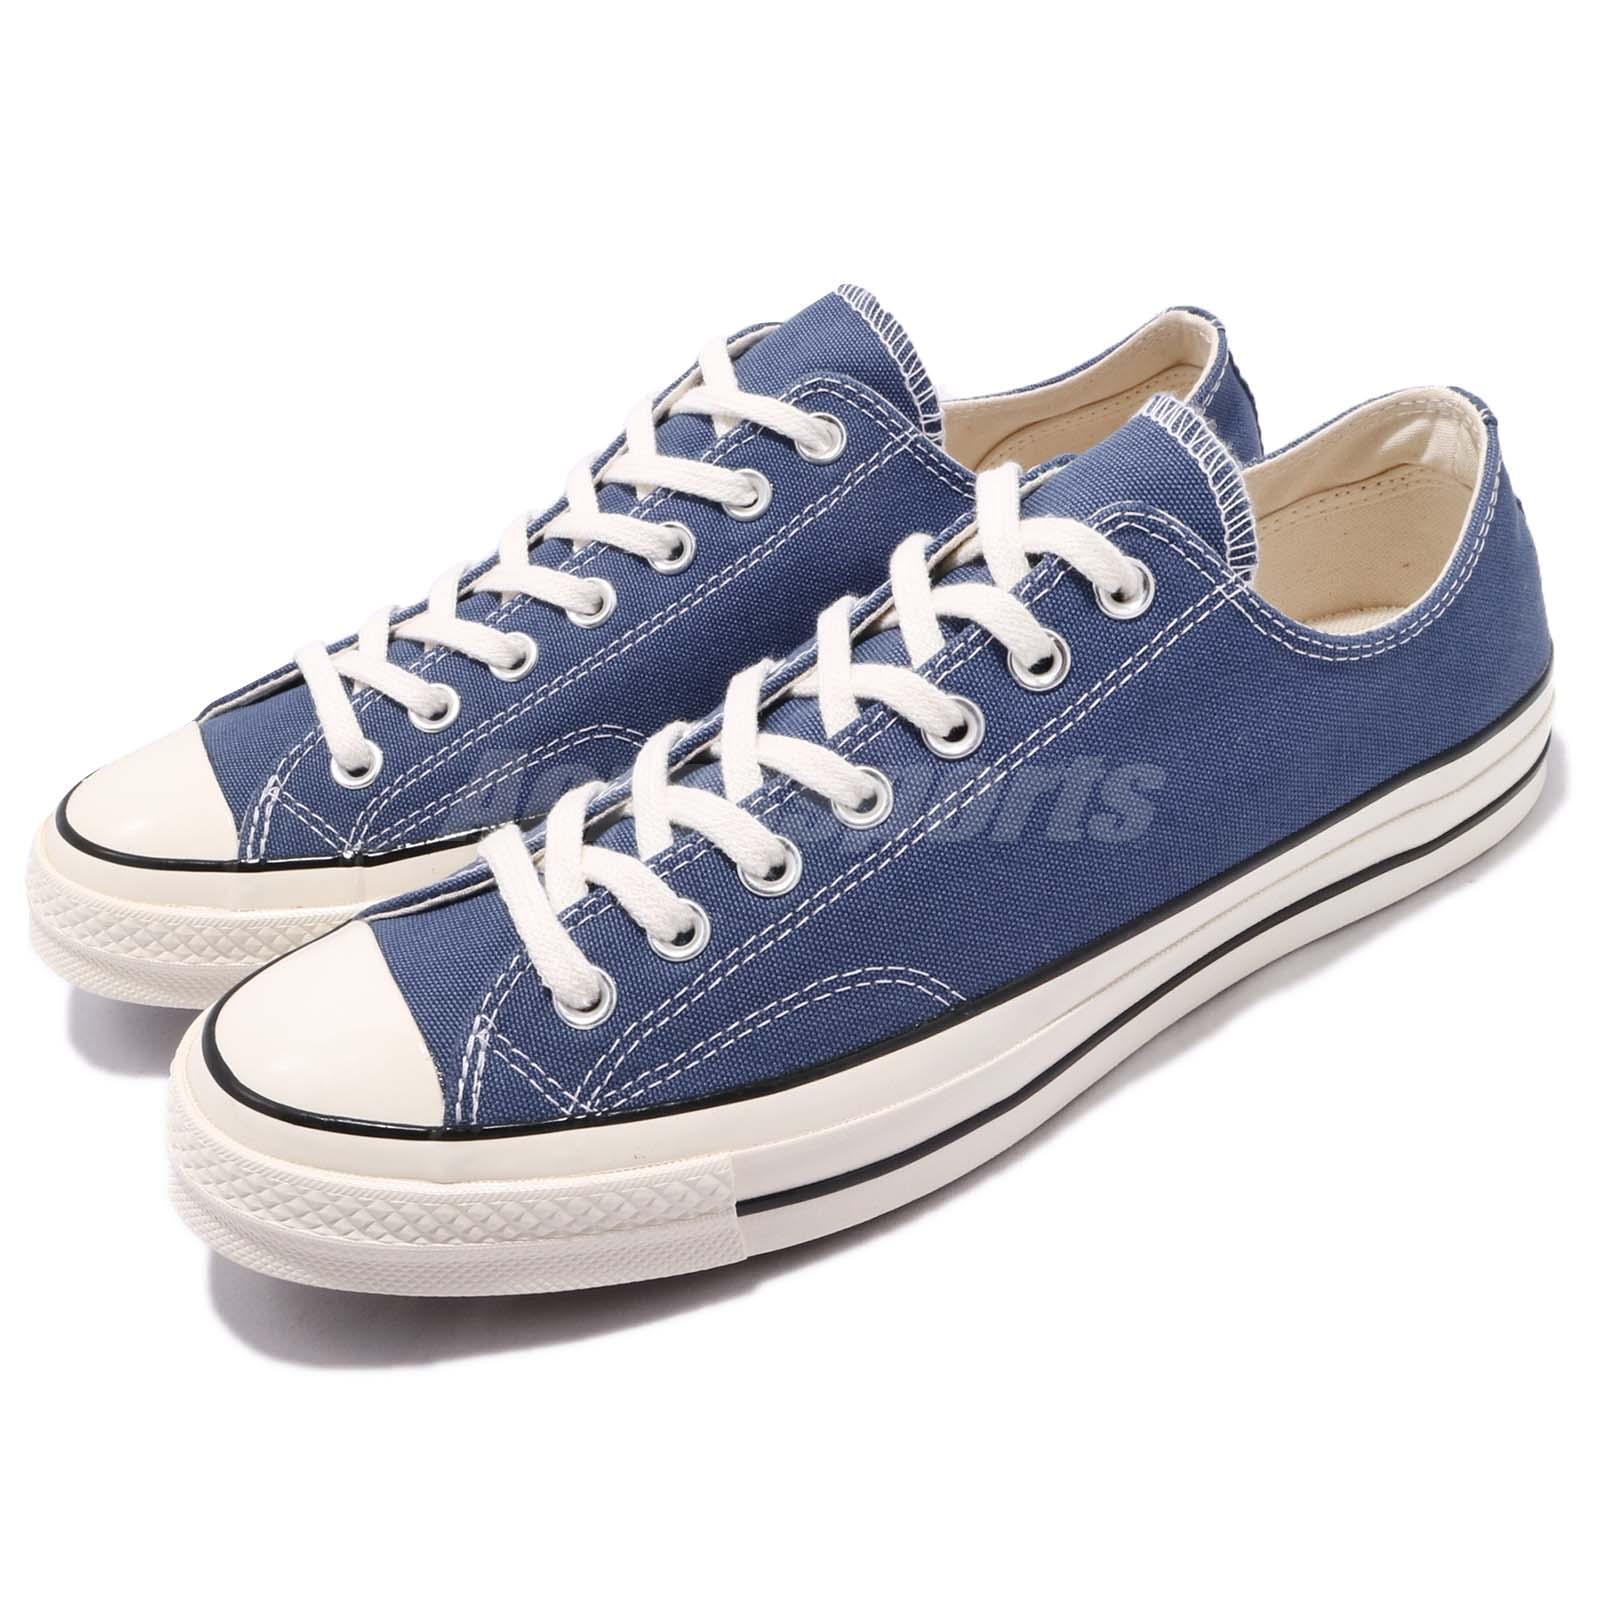 98cc9c628919 Details about Converse Chuck Taylor All Star 70 1970s OX Navy Blue Canvas Men  Shoe 162064C